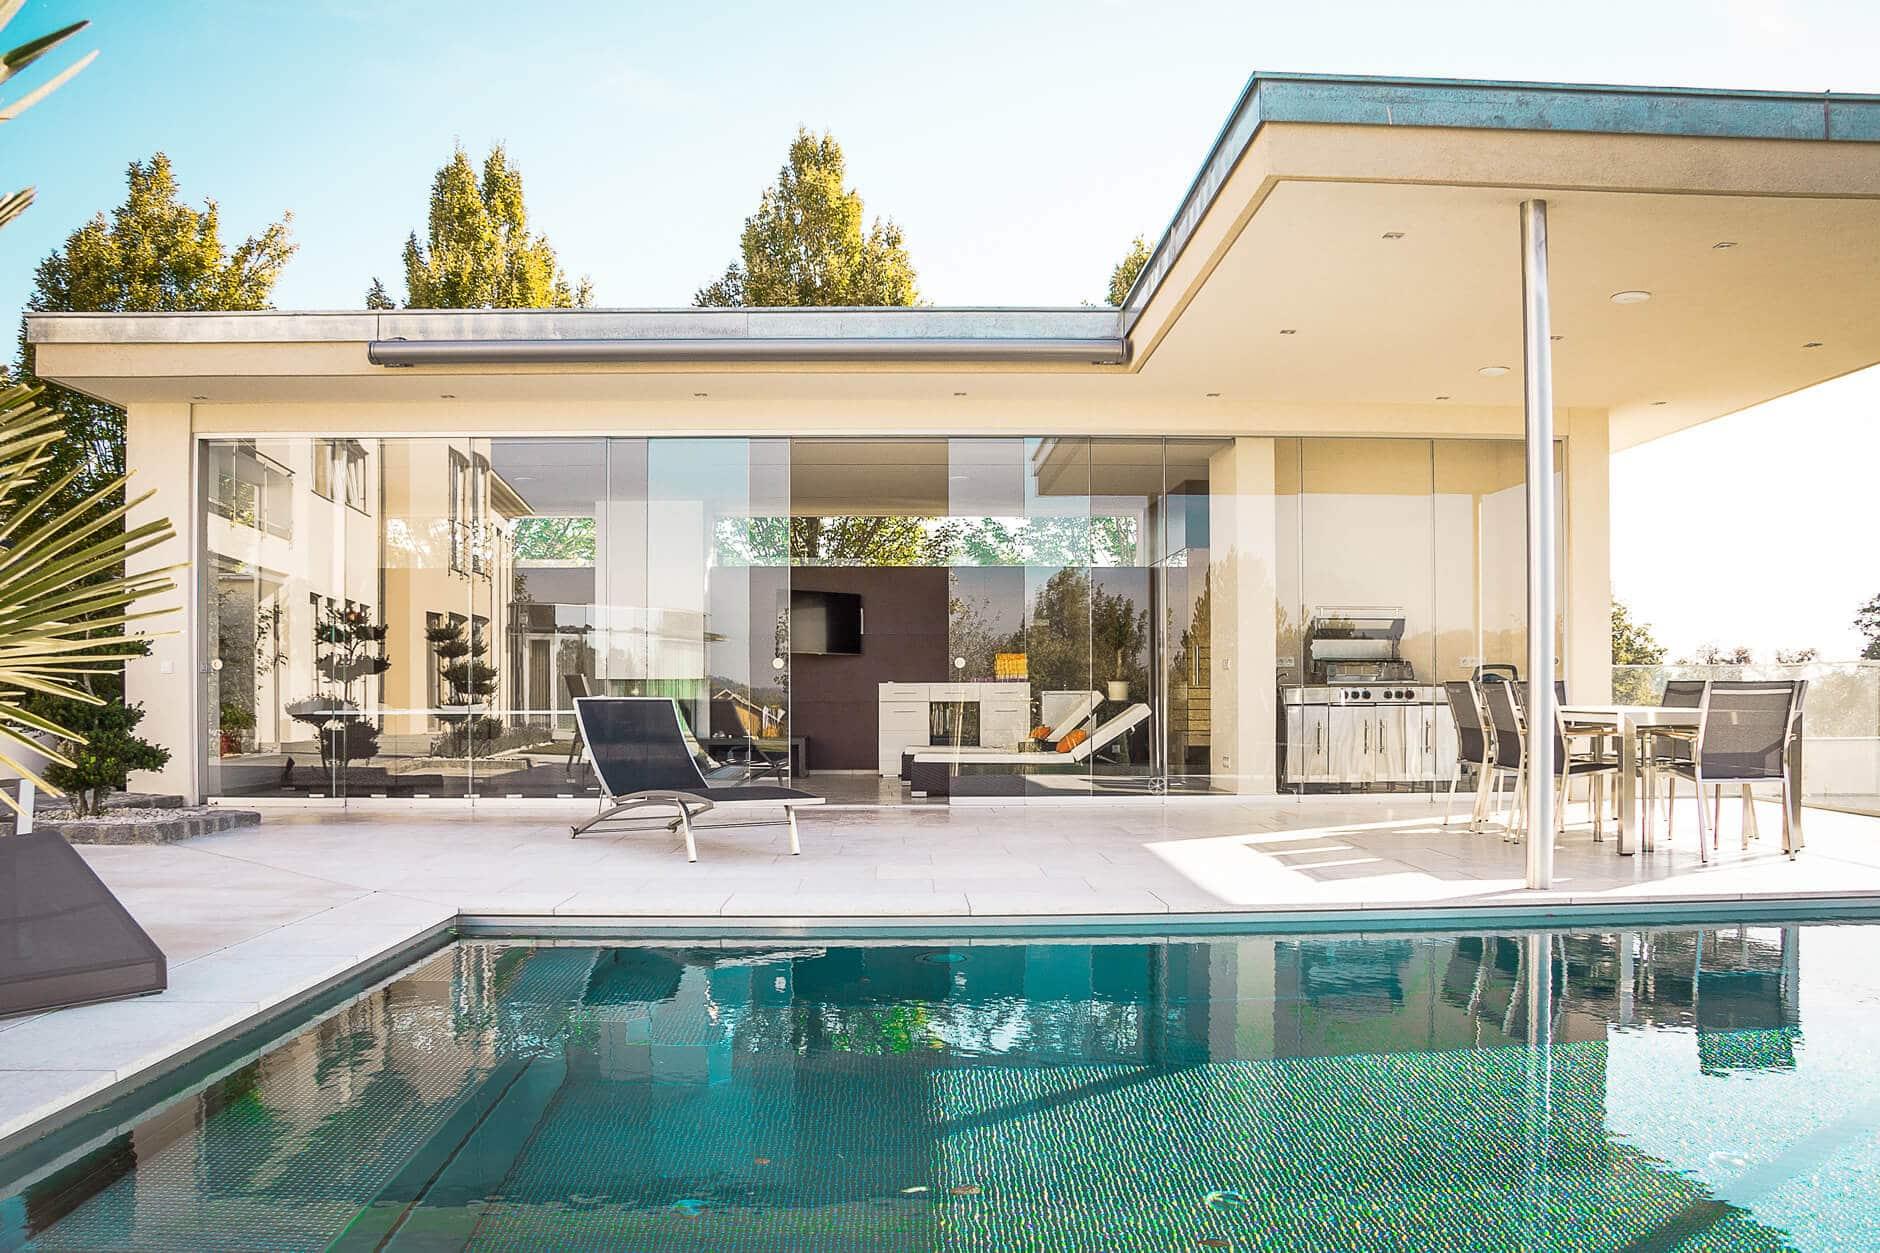 Windschutz Terrasse Glas Faltbar Balkonfacher Seitenfacher